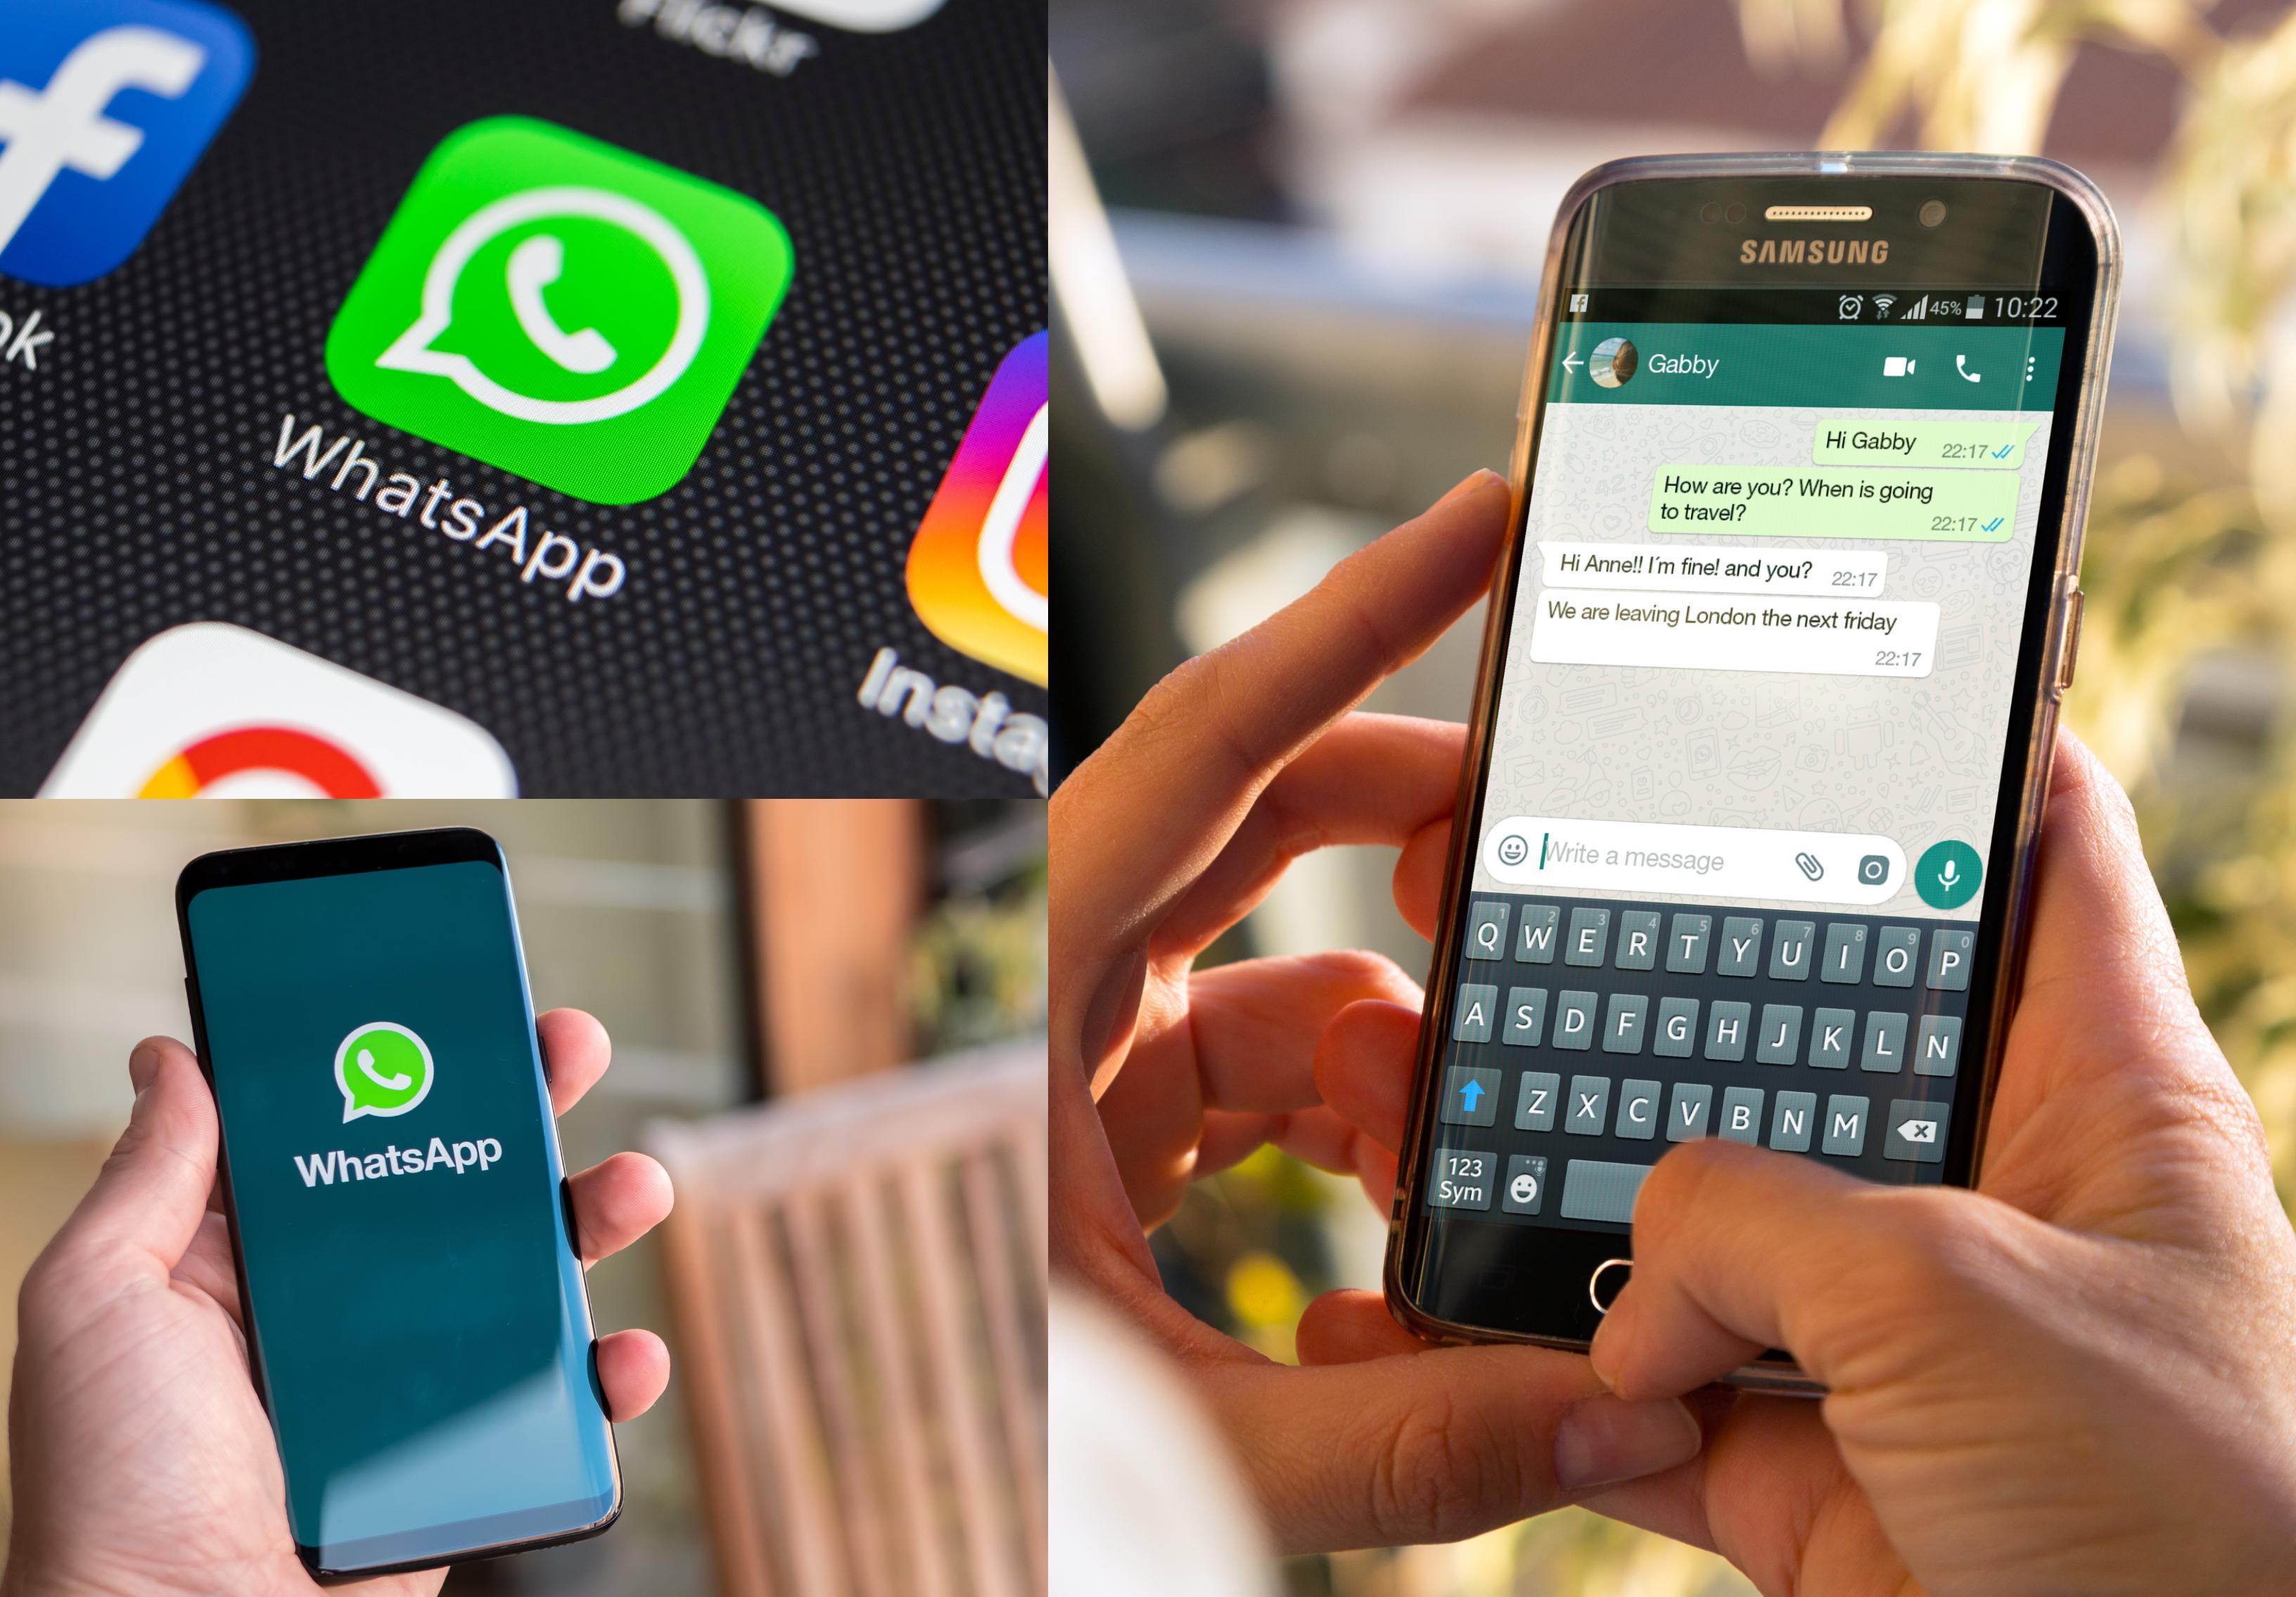 WhatsApp revine cu o nouă modificare legată de protecția datelor. Ce mesaj afișează aplicația, după ce oamenii au renunțat la ea